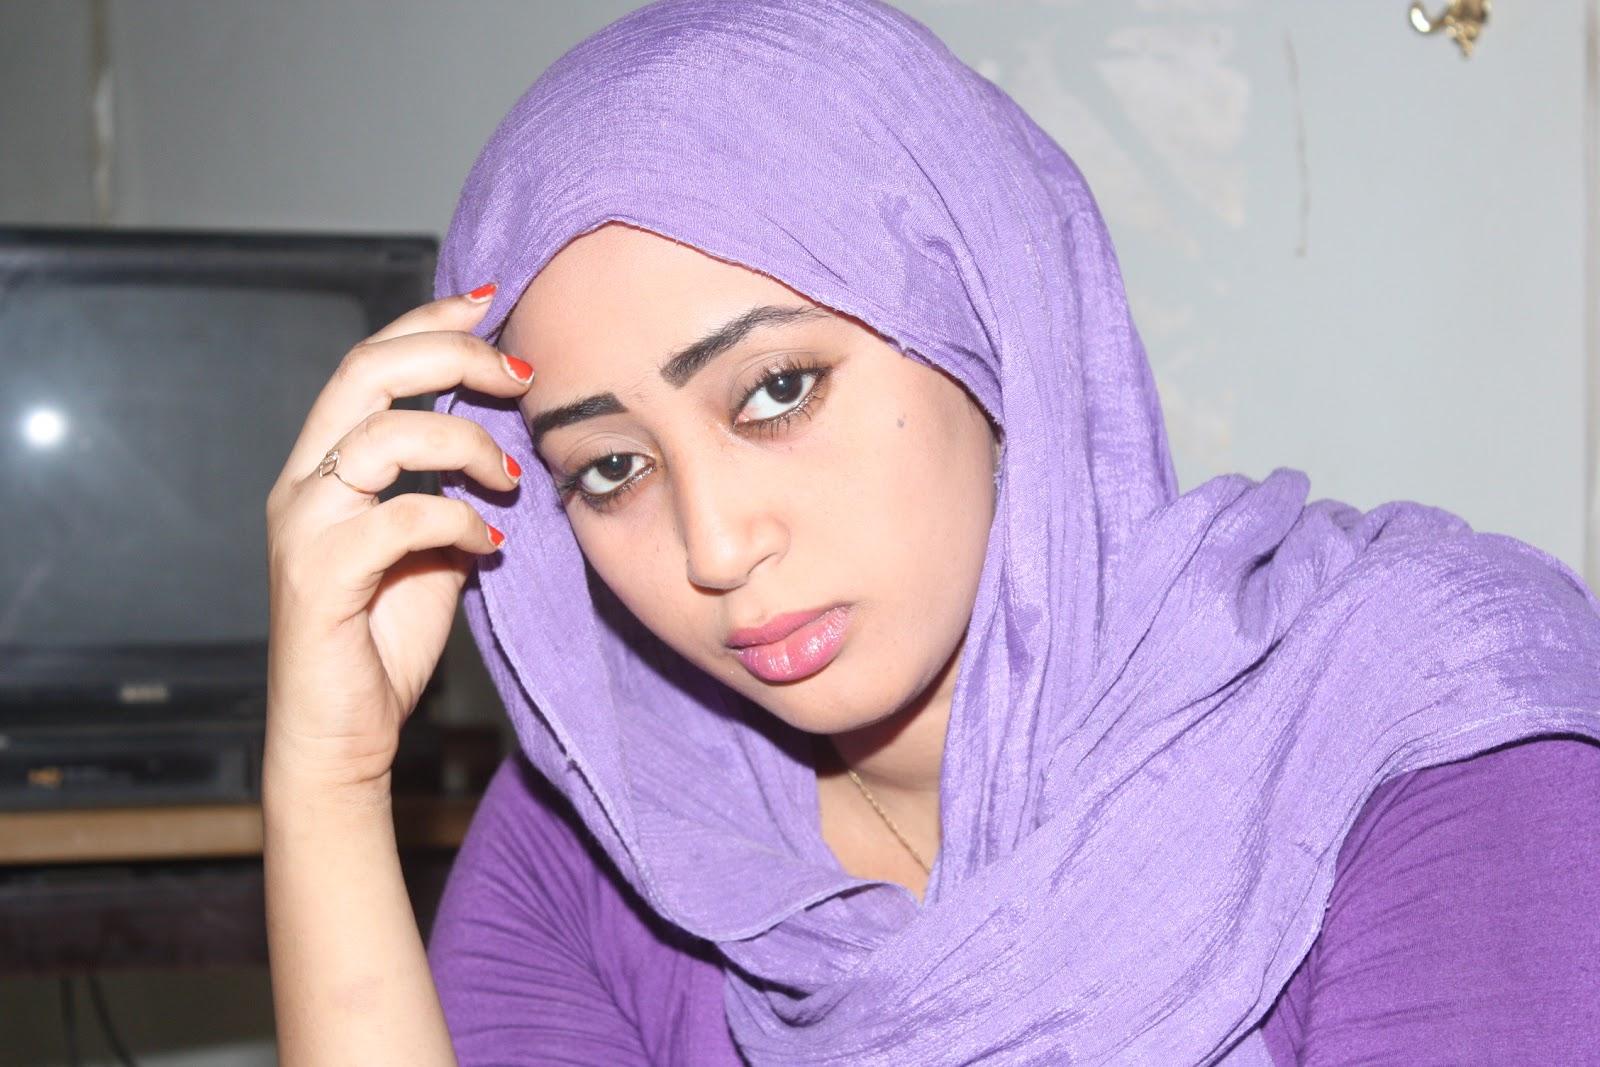 صوره بنات سودانيات , الجمال فى البنت السودانيه